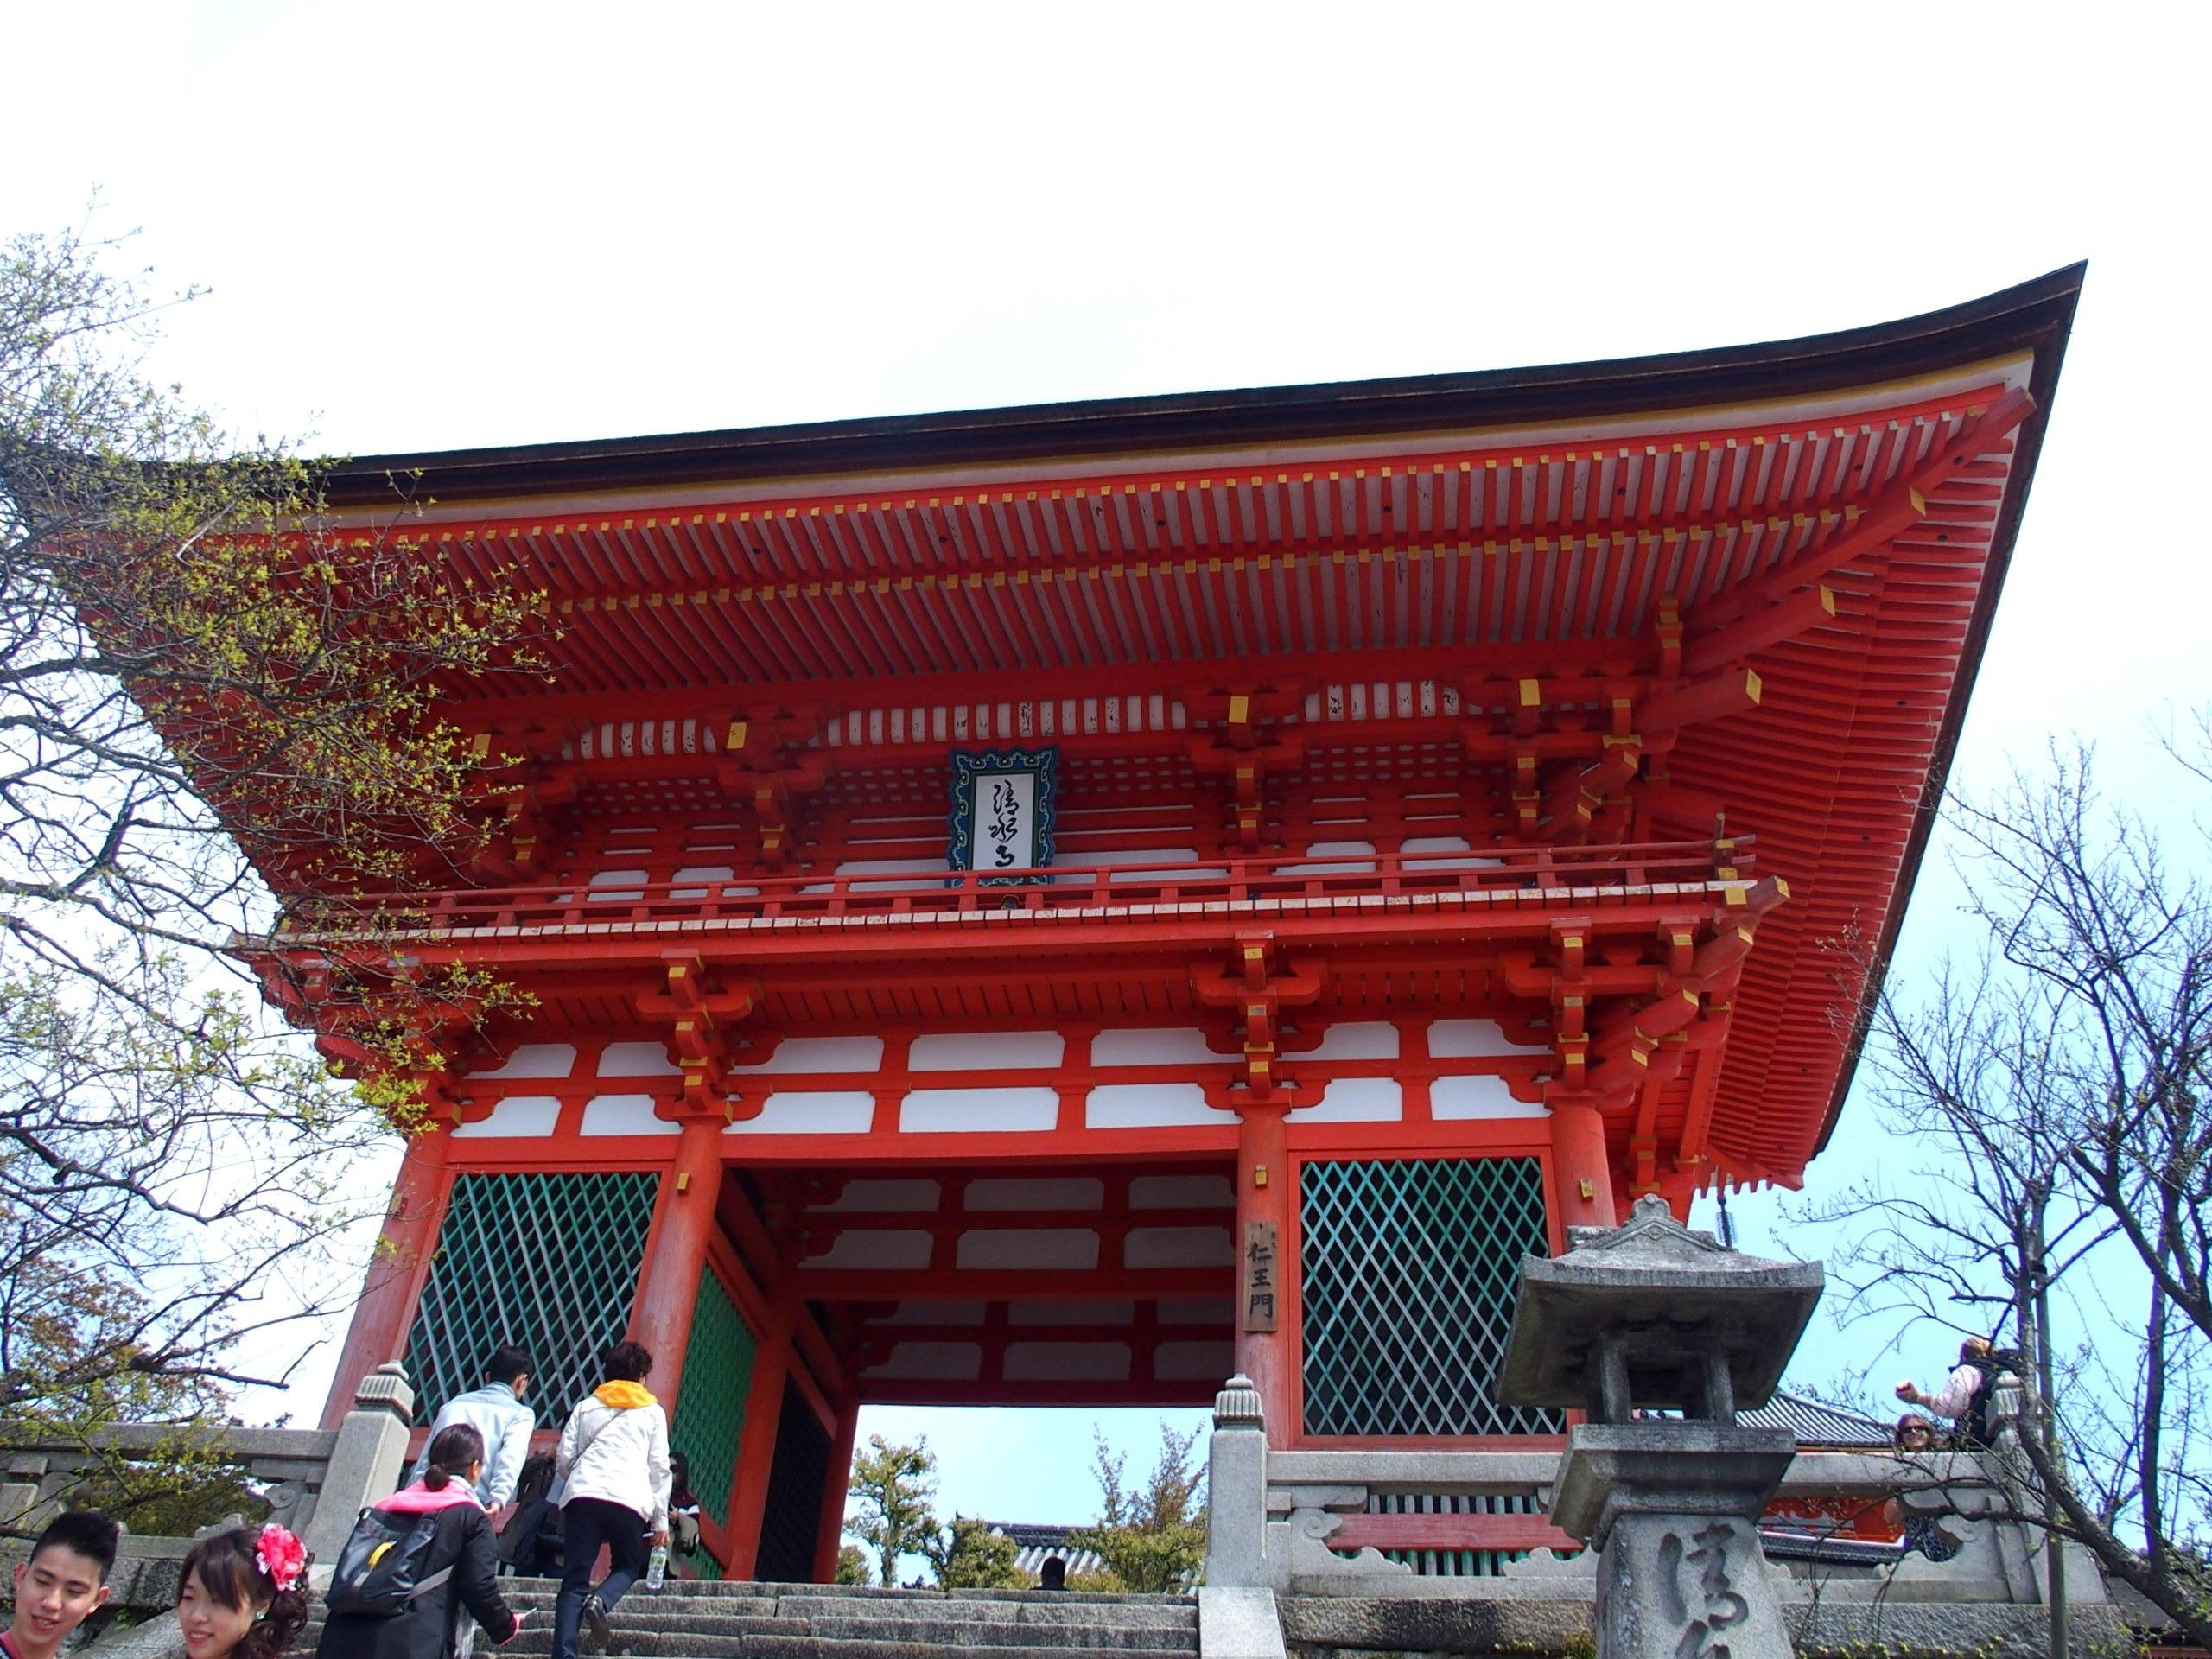 Porte d'entrée temple Kiyomizu-Dera Kyoto